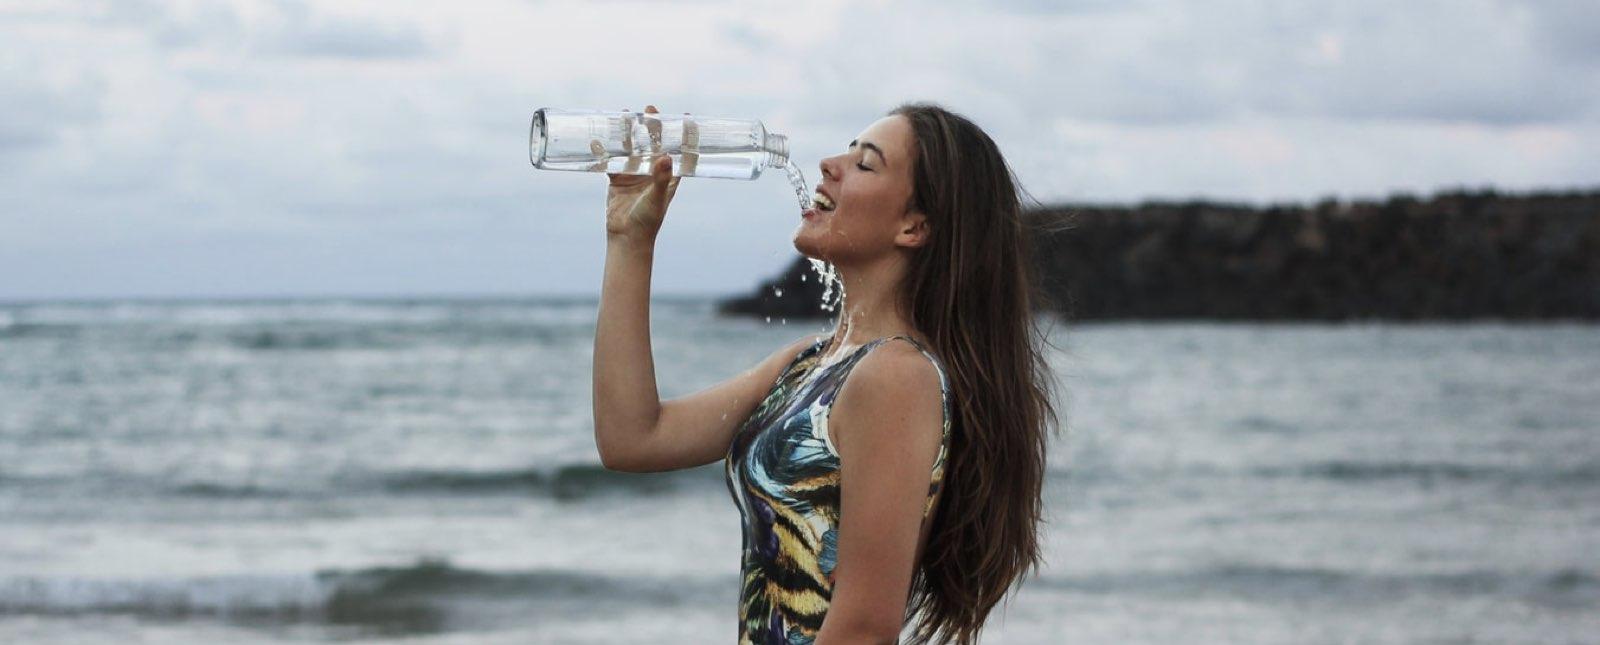 La Cantidad De Agua Que Debes Tomar Para Bajar De Peso Según Tu Tipo De Cuerpo Comida